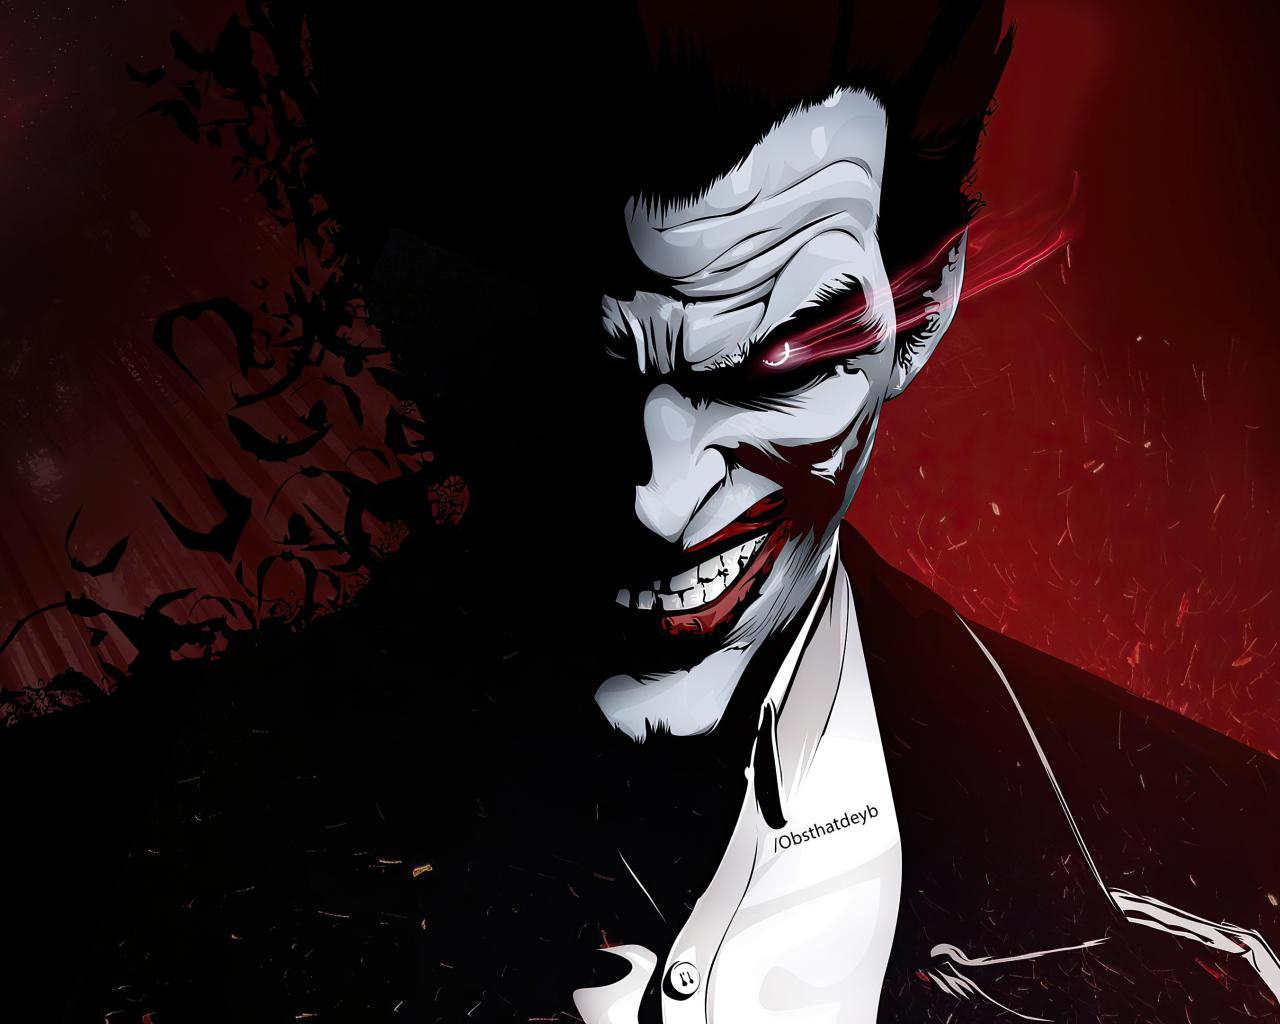 1280x1024 Joker X Anime 1280x1024 Resolution Wallpaper, HD ...